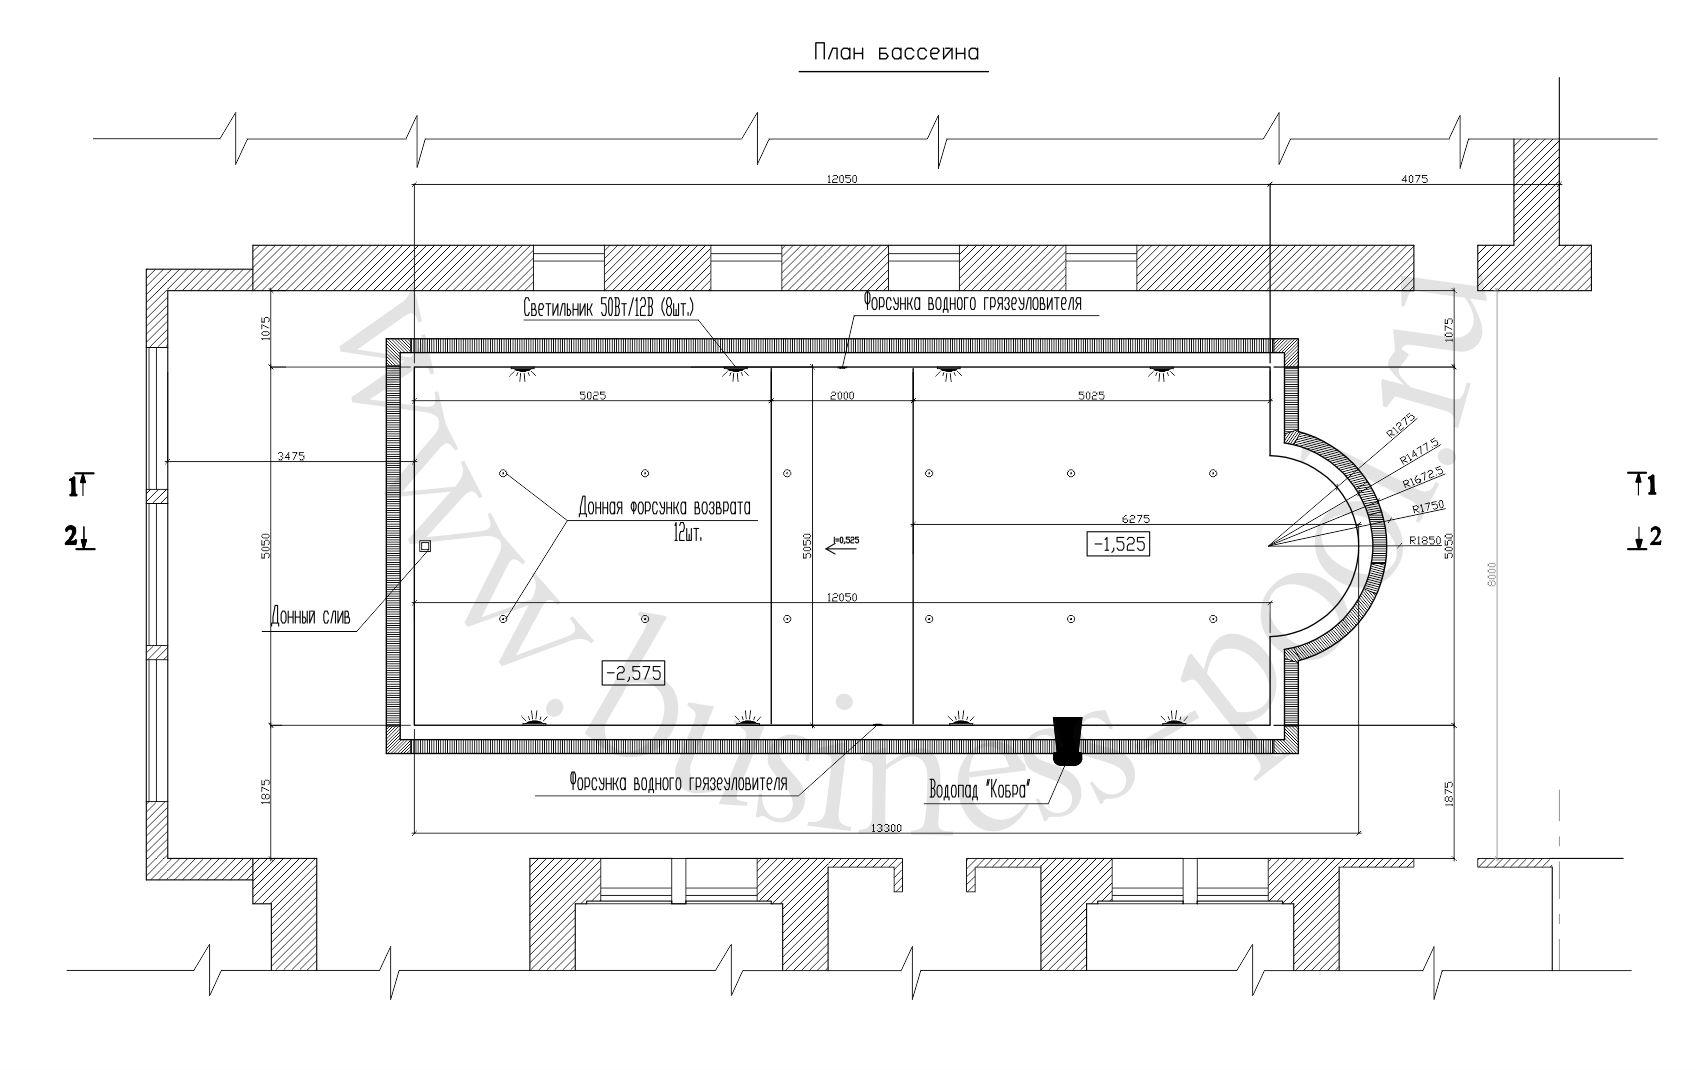 Планировка проекта тз-0018-п